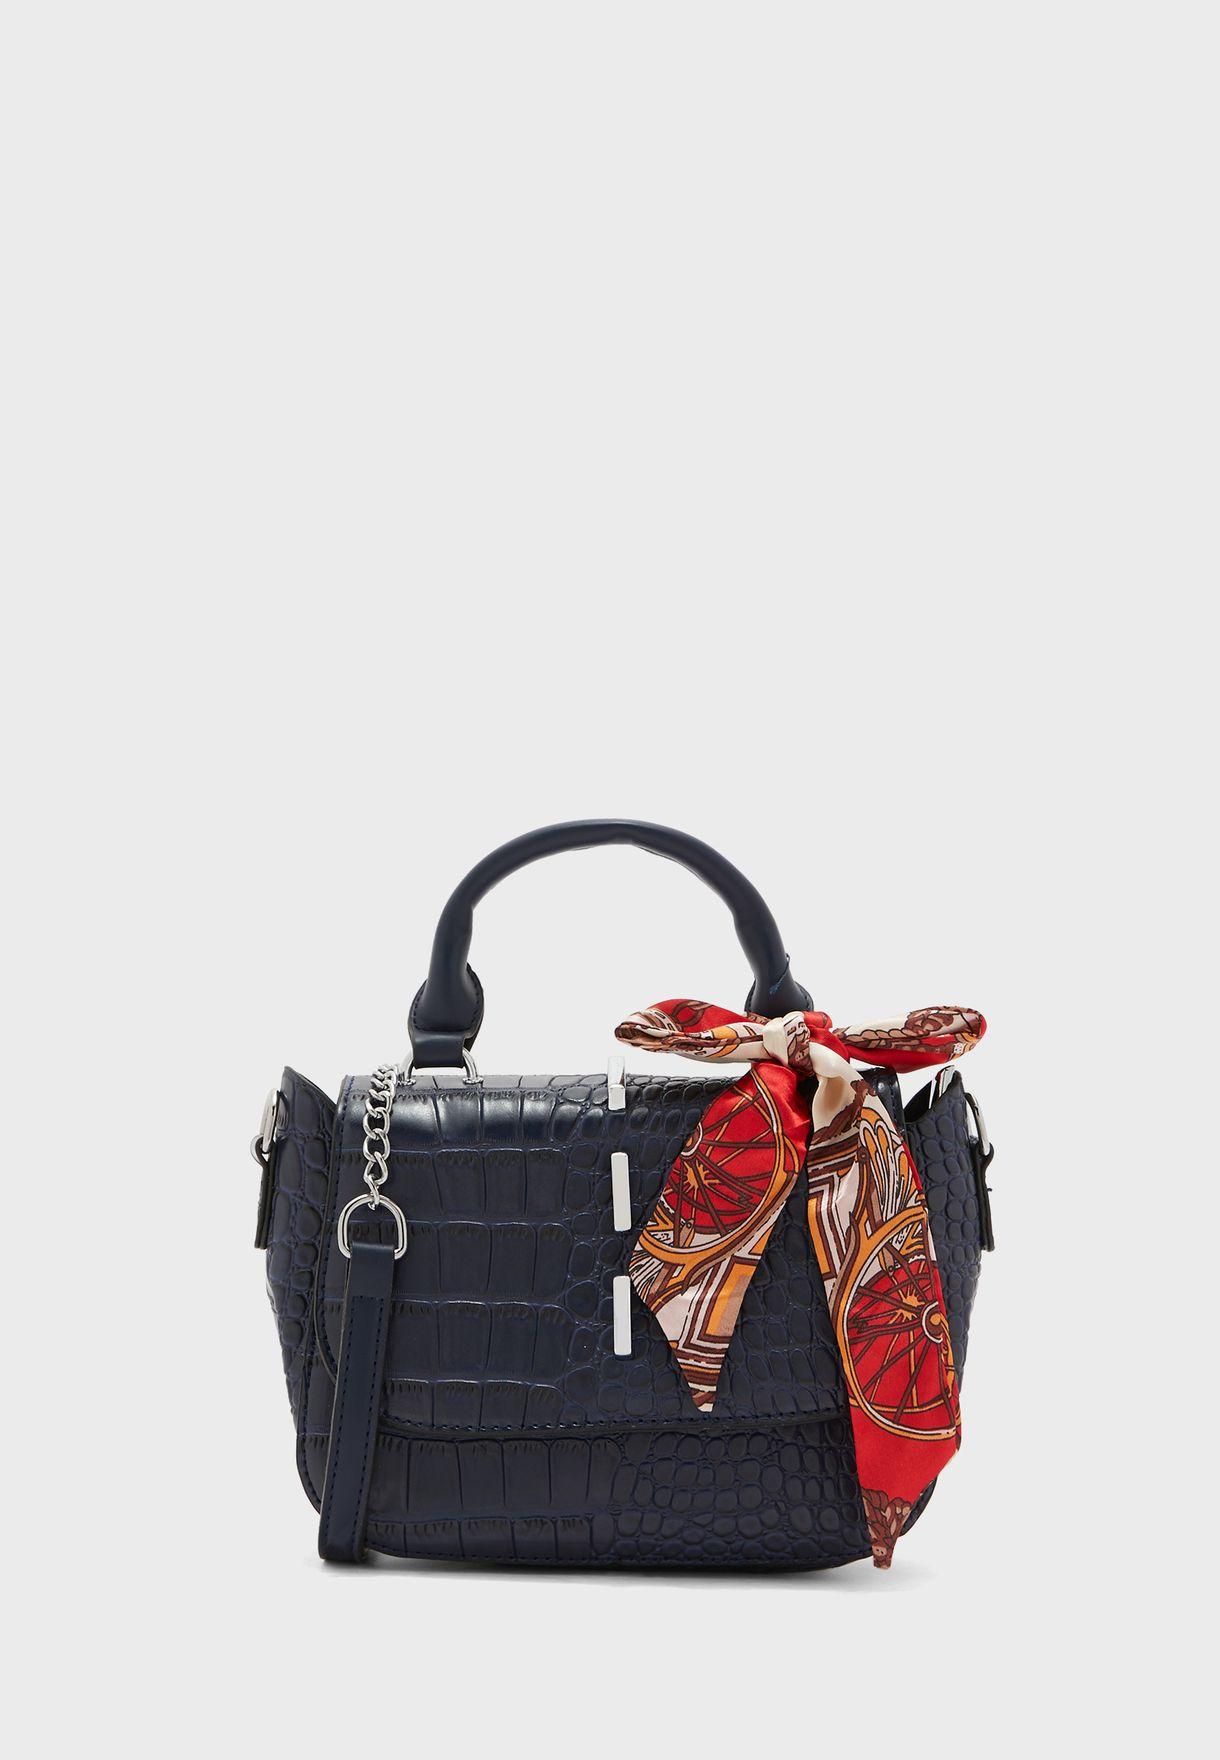 Scarf Tie Croc Handbag